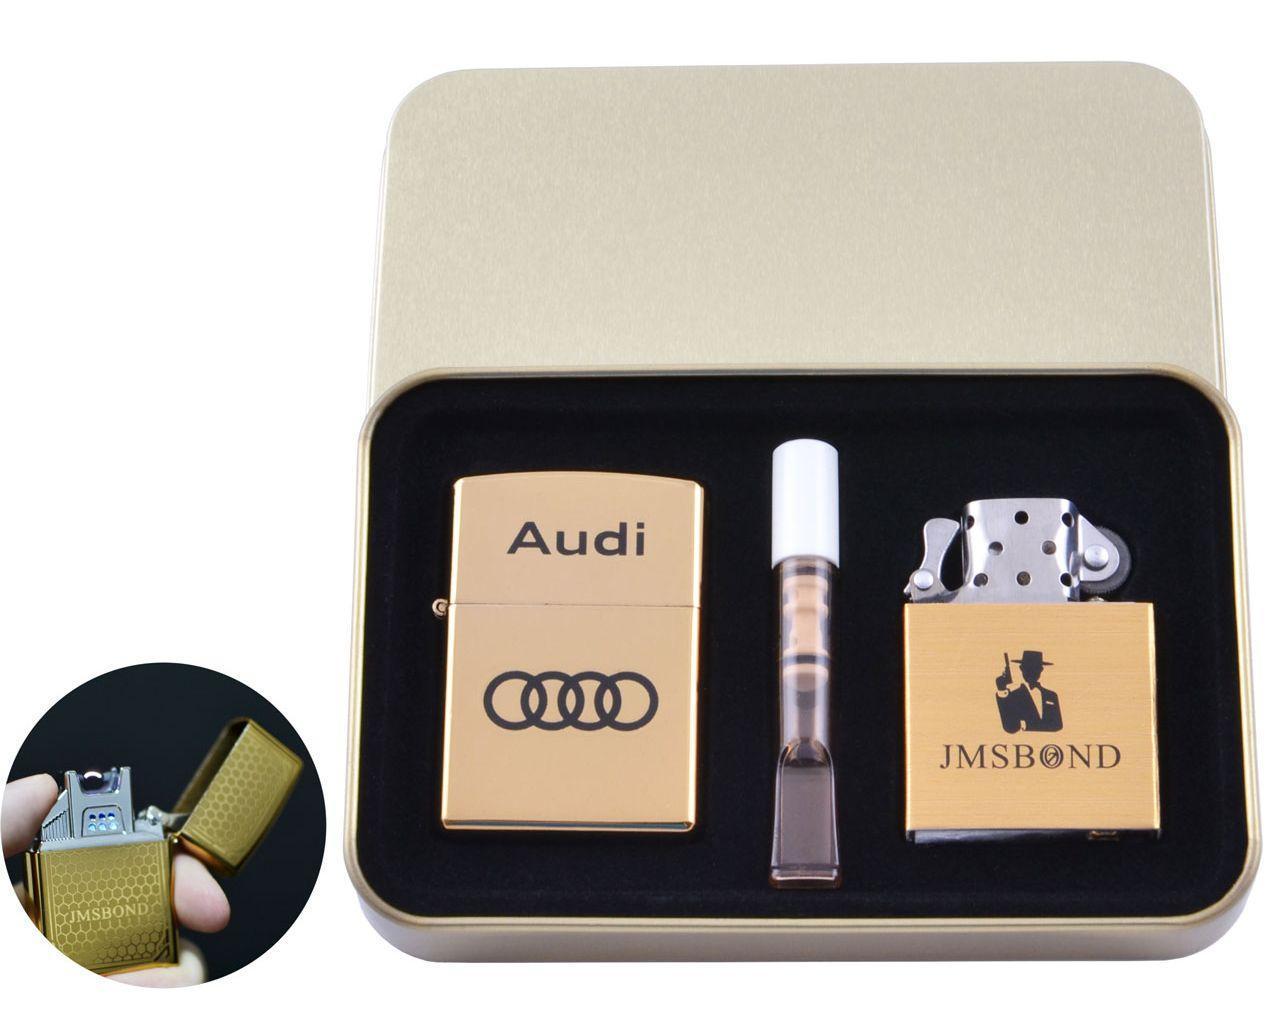 Электроимпульсная (USB) + бензиновая зажигалки в подарочной коробке + мундштук AUDI